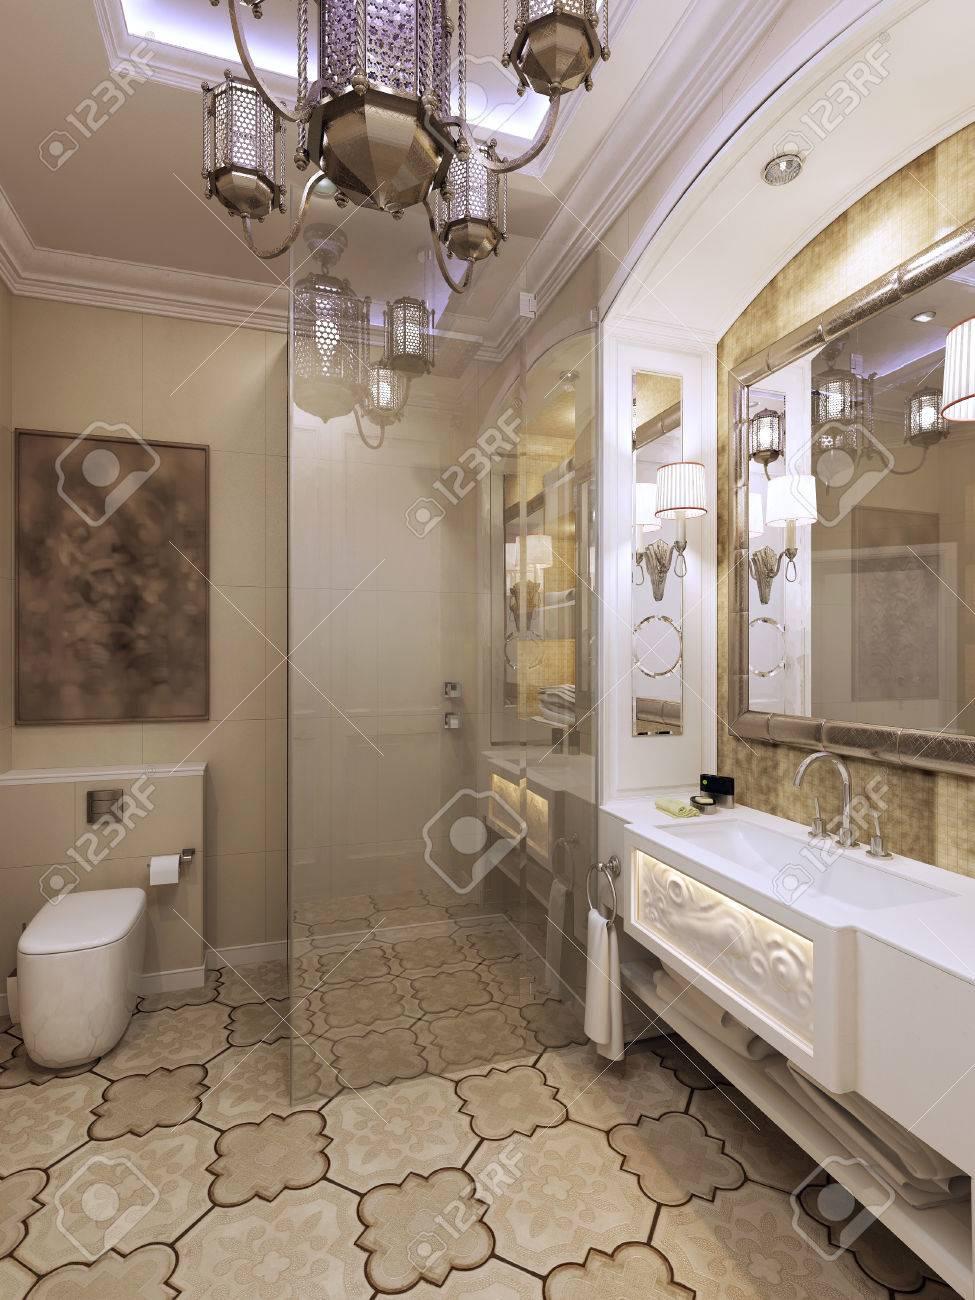 Légante salle de bain de style marocain. Rendu 3D